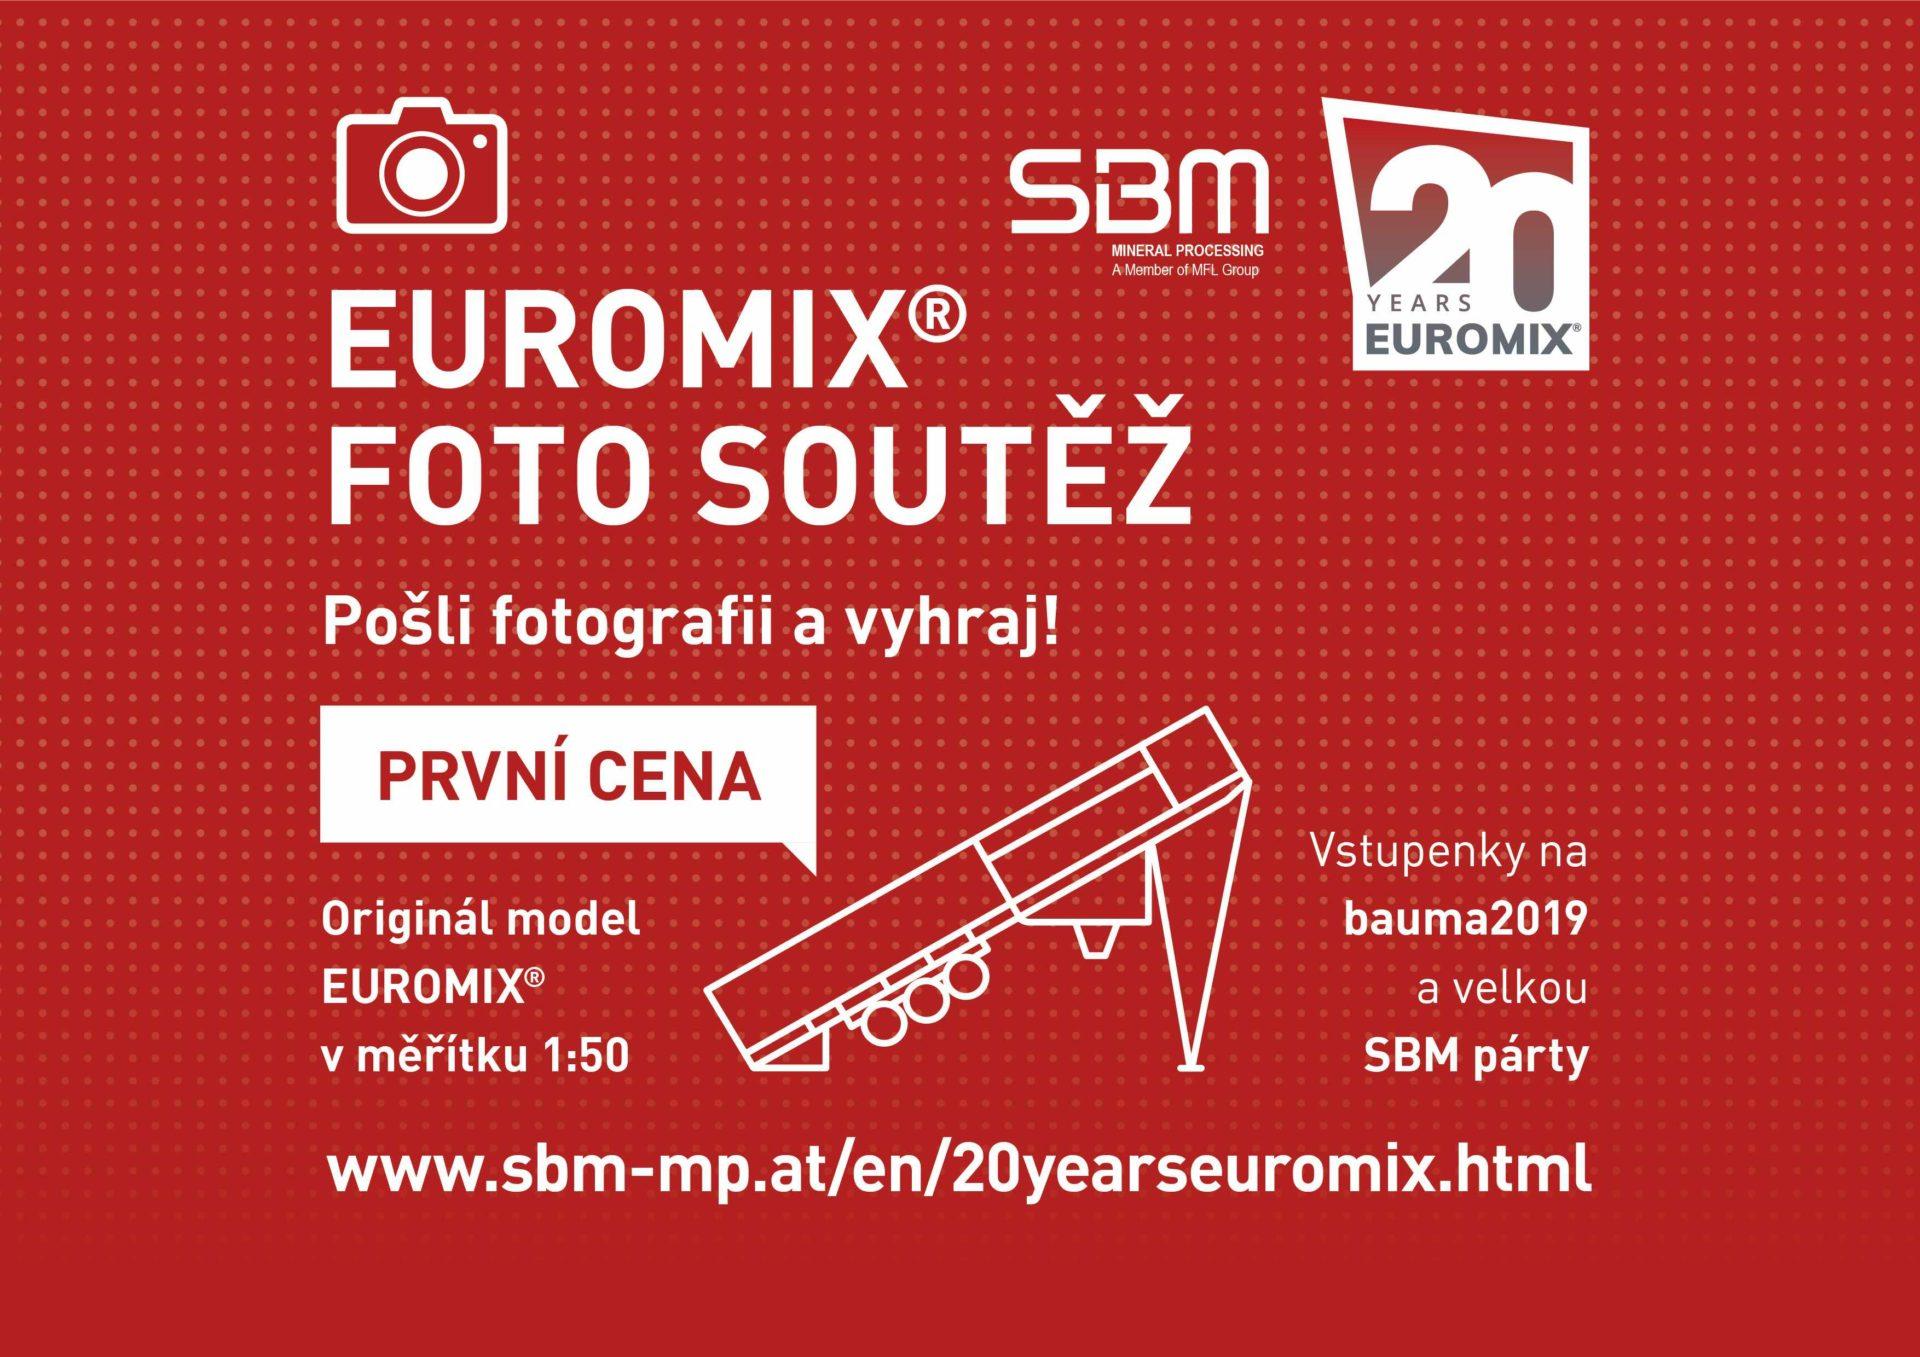 Fotosoutěž EUROMIX®